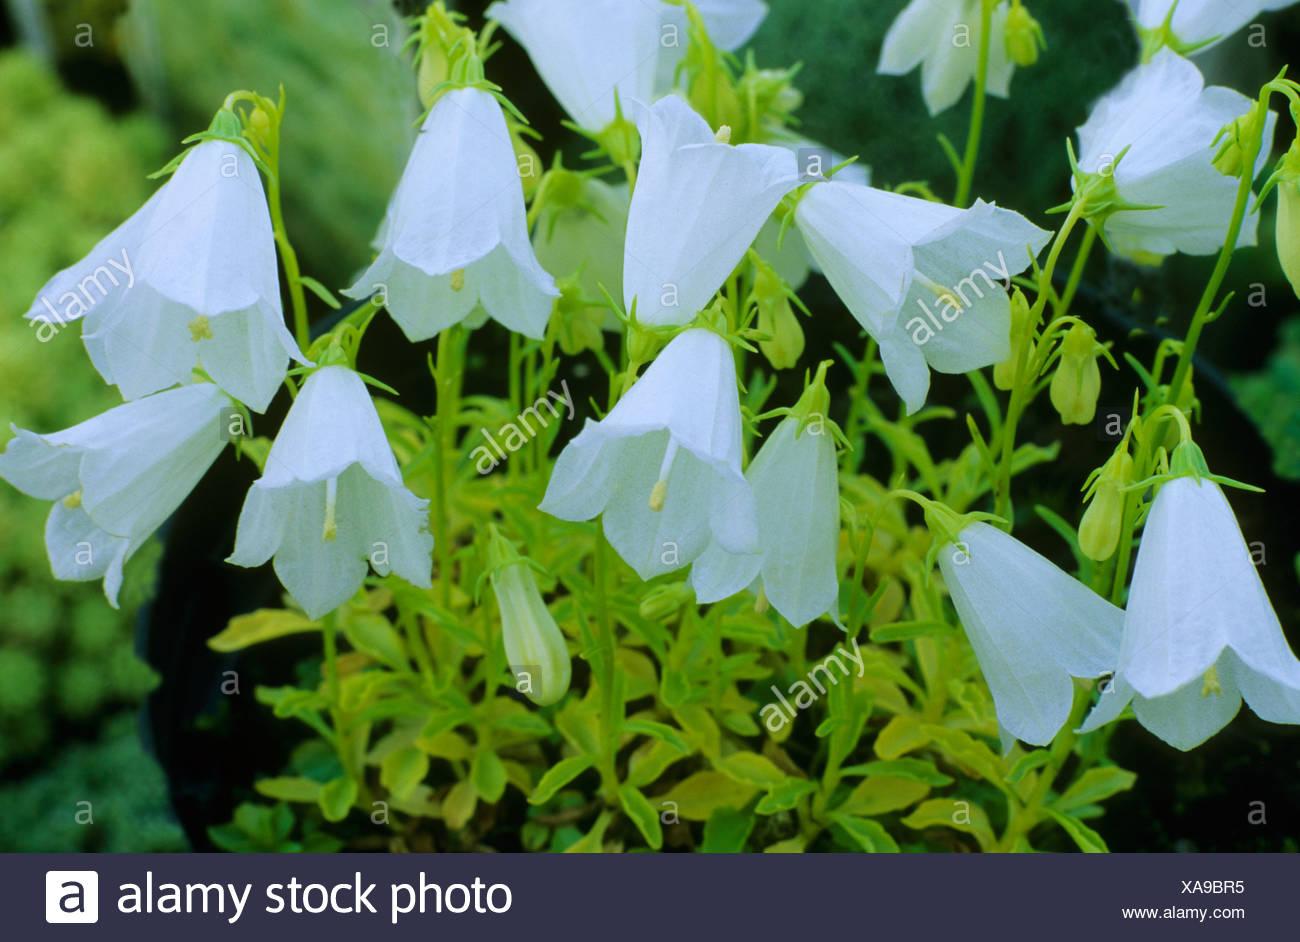 Campanula Cochlearifolia Var White Baby Bellflower White